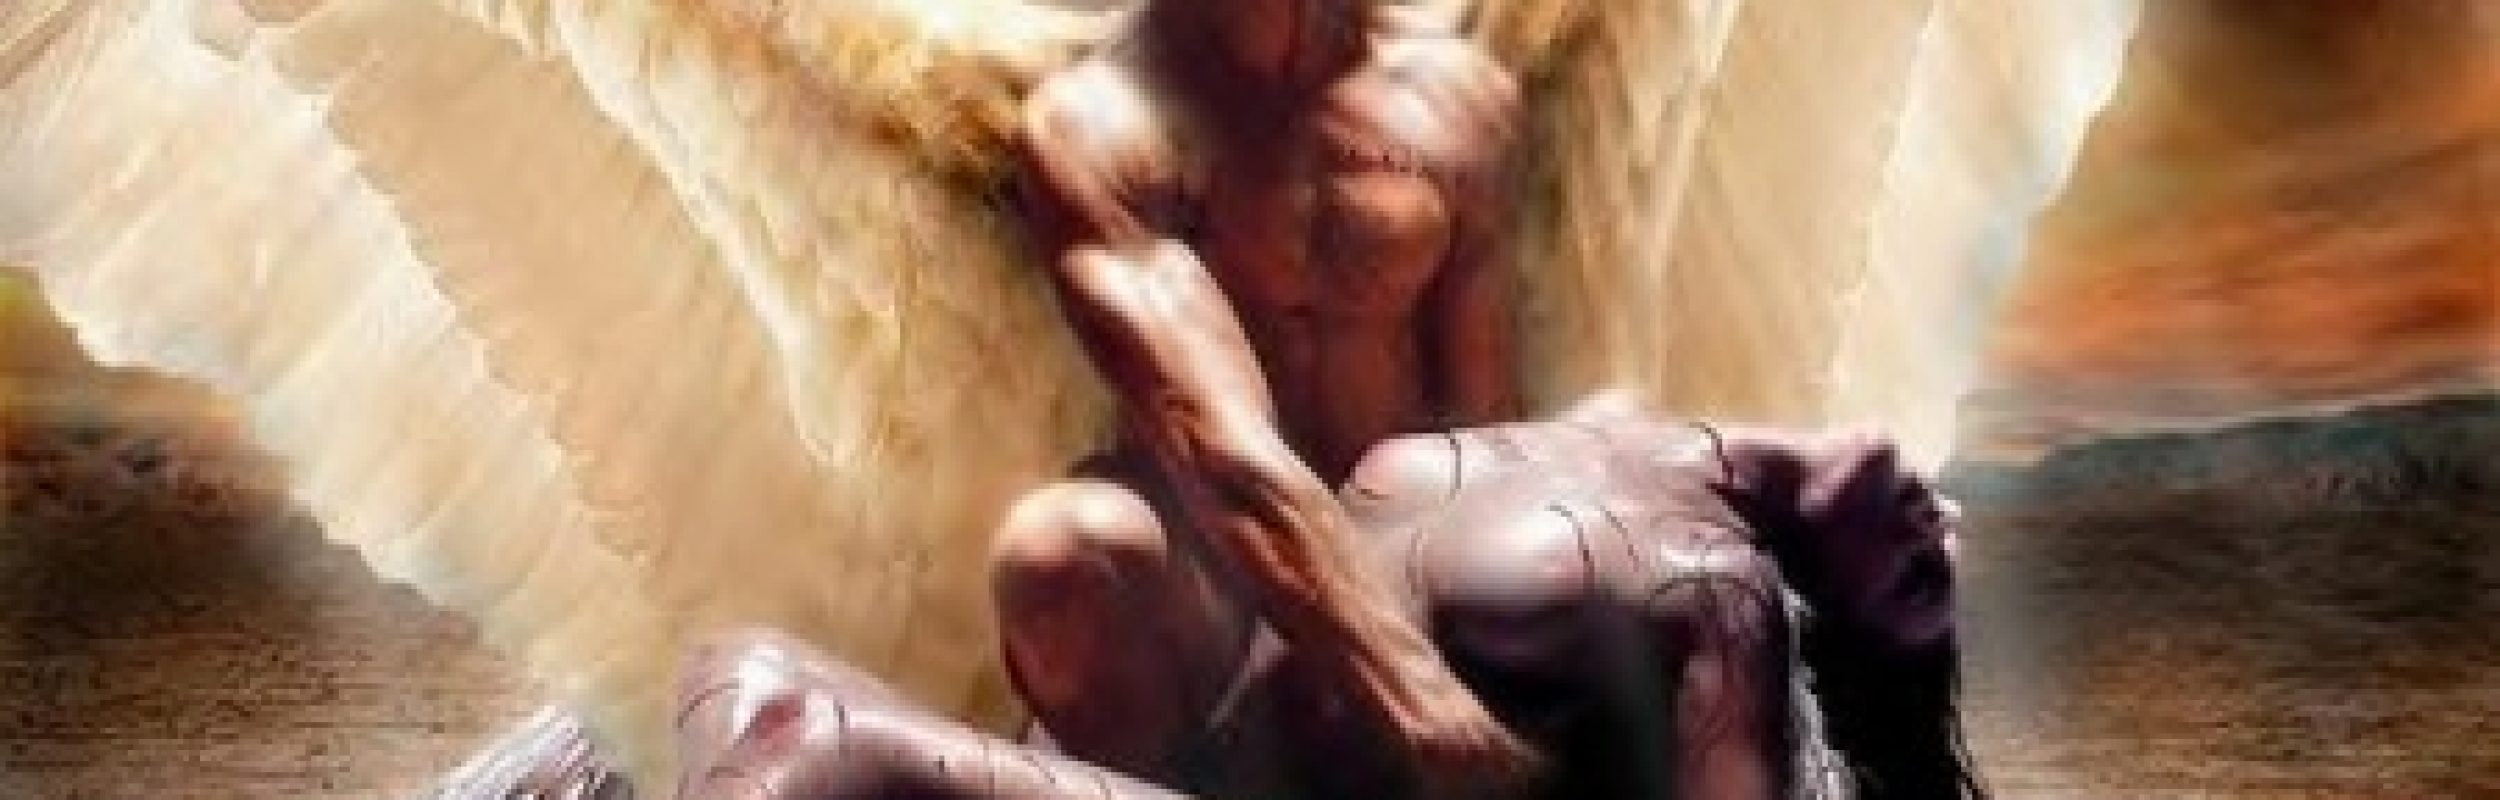 Los Hijos de Dios en Génesis 6 ¿Realmente son ángeles caídos?